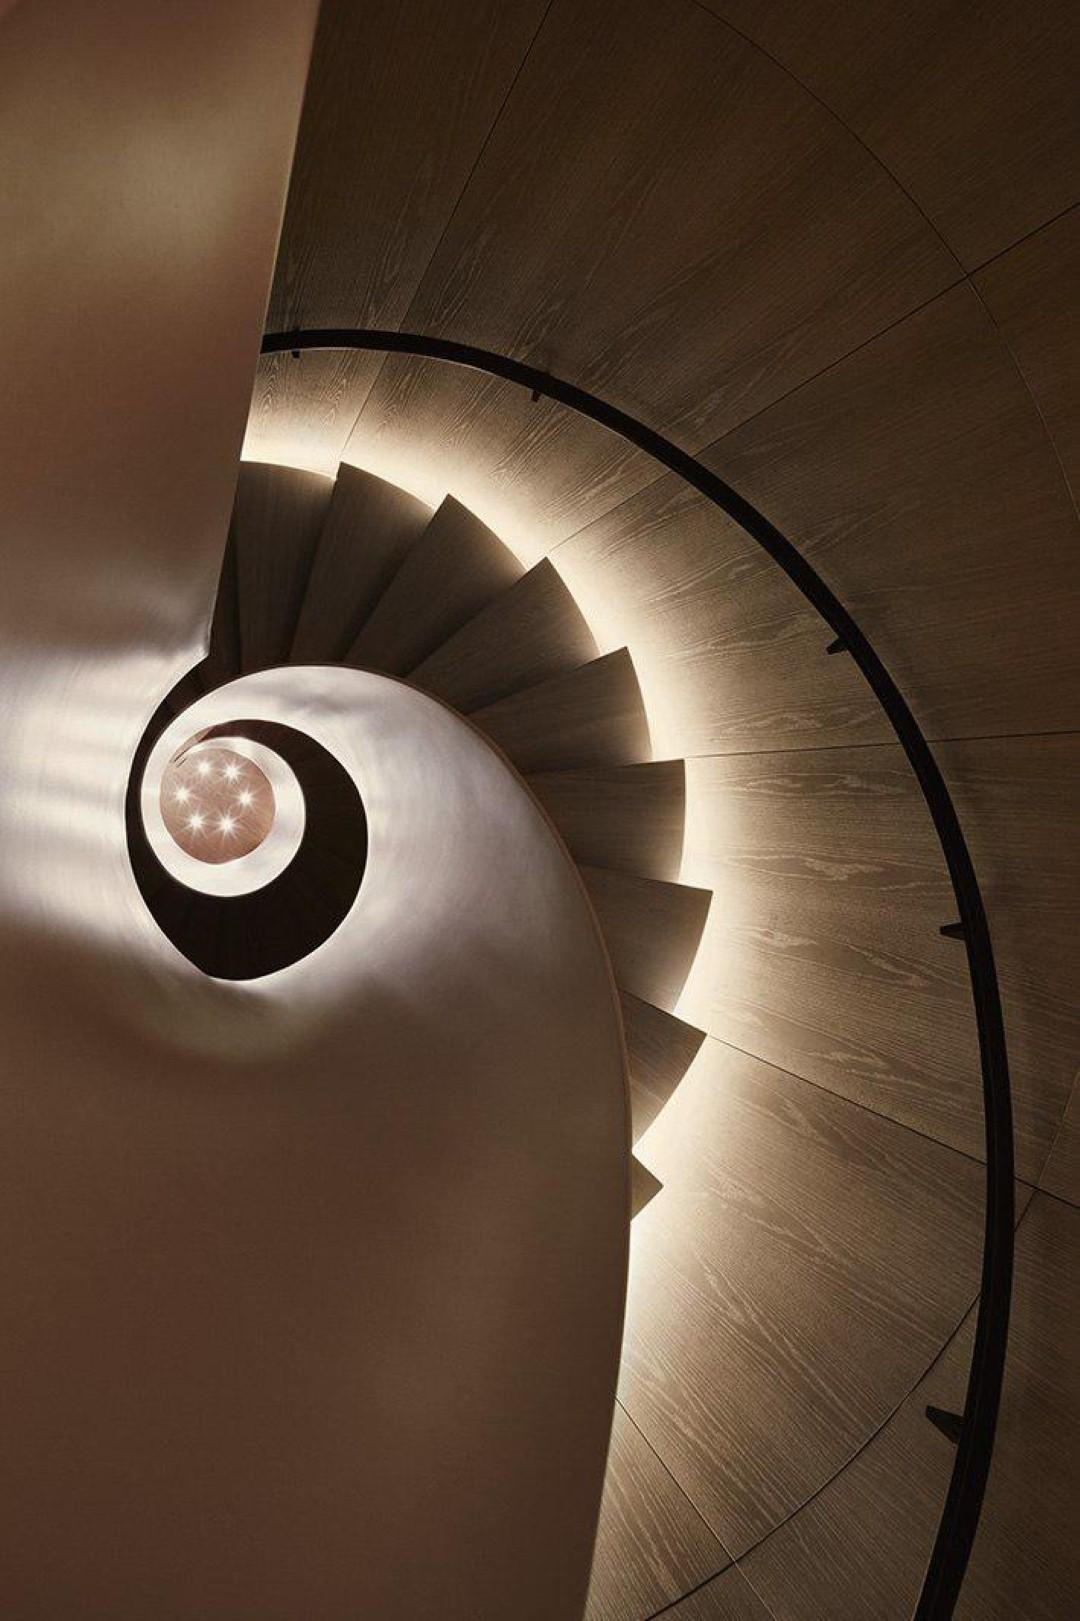 מדרגות הקונכייה, מבט מבפנים (צילום: Nikolas Koenig) (צילום: Nikolas Koenig)